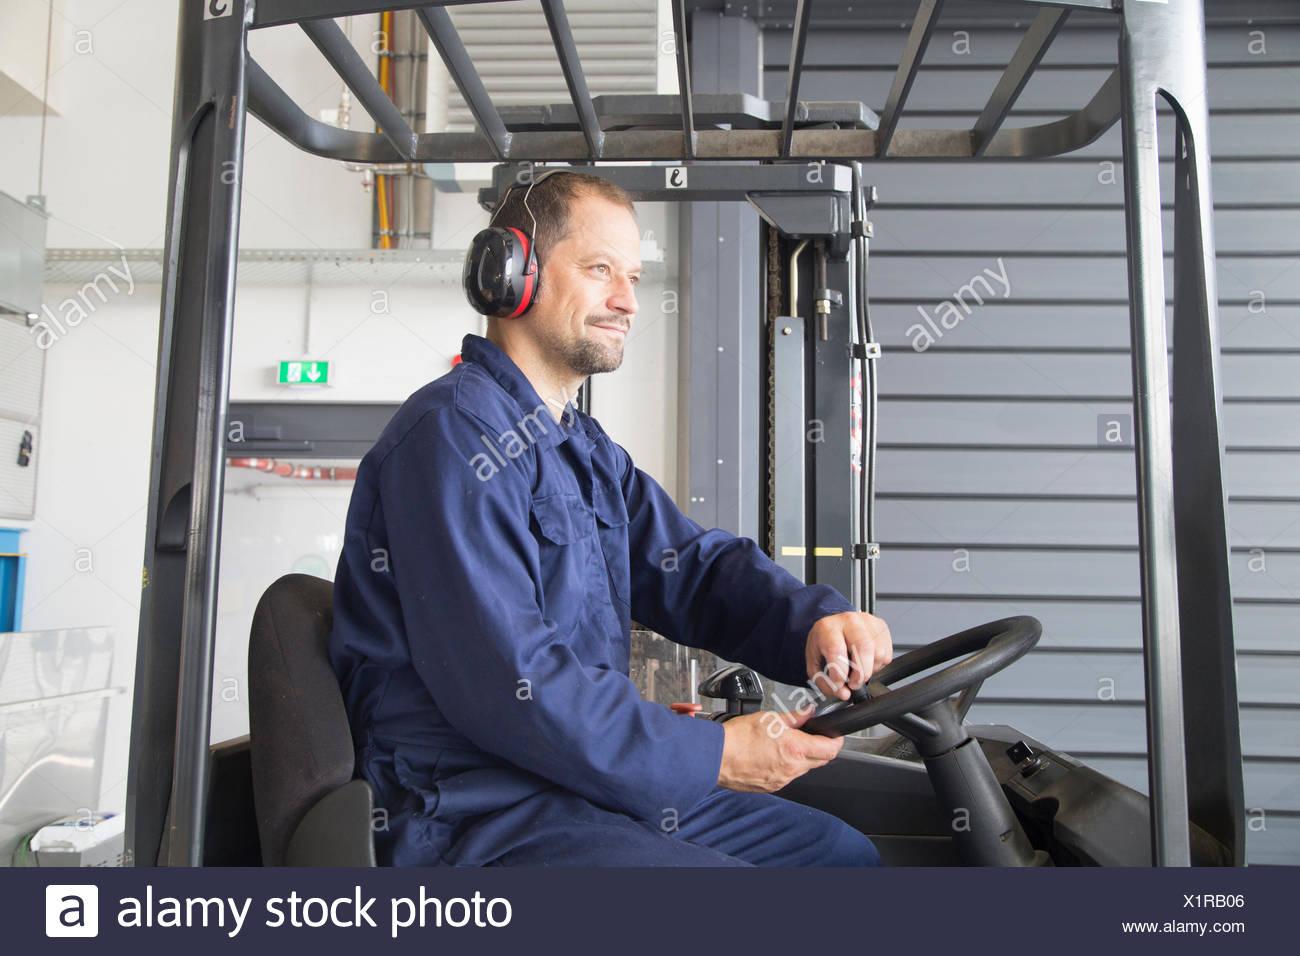 Lavoratore nel carrello elevatore a forche in impianto industriale Immagini Stock